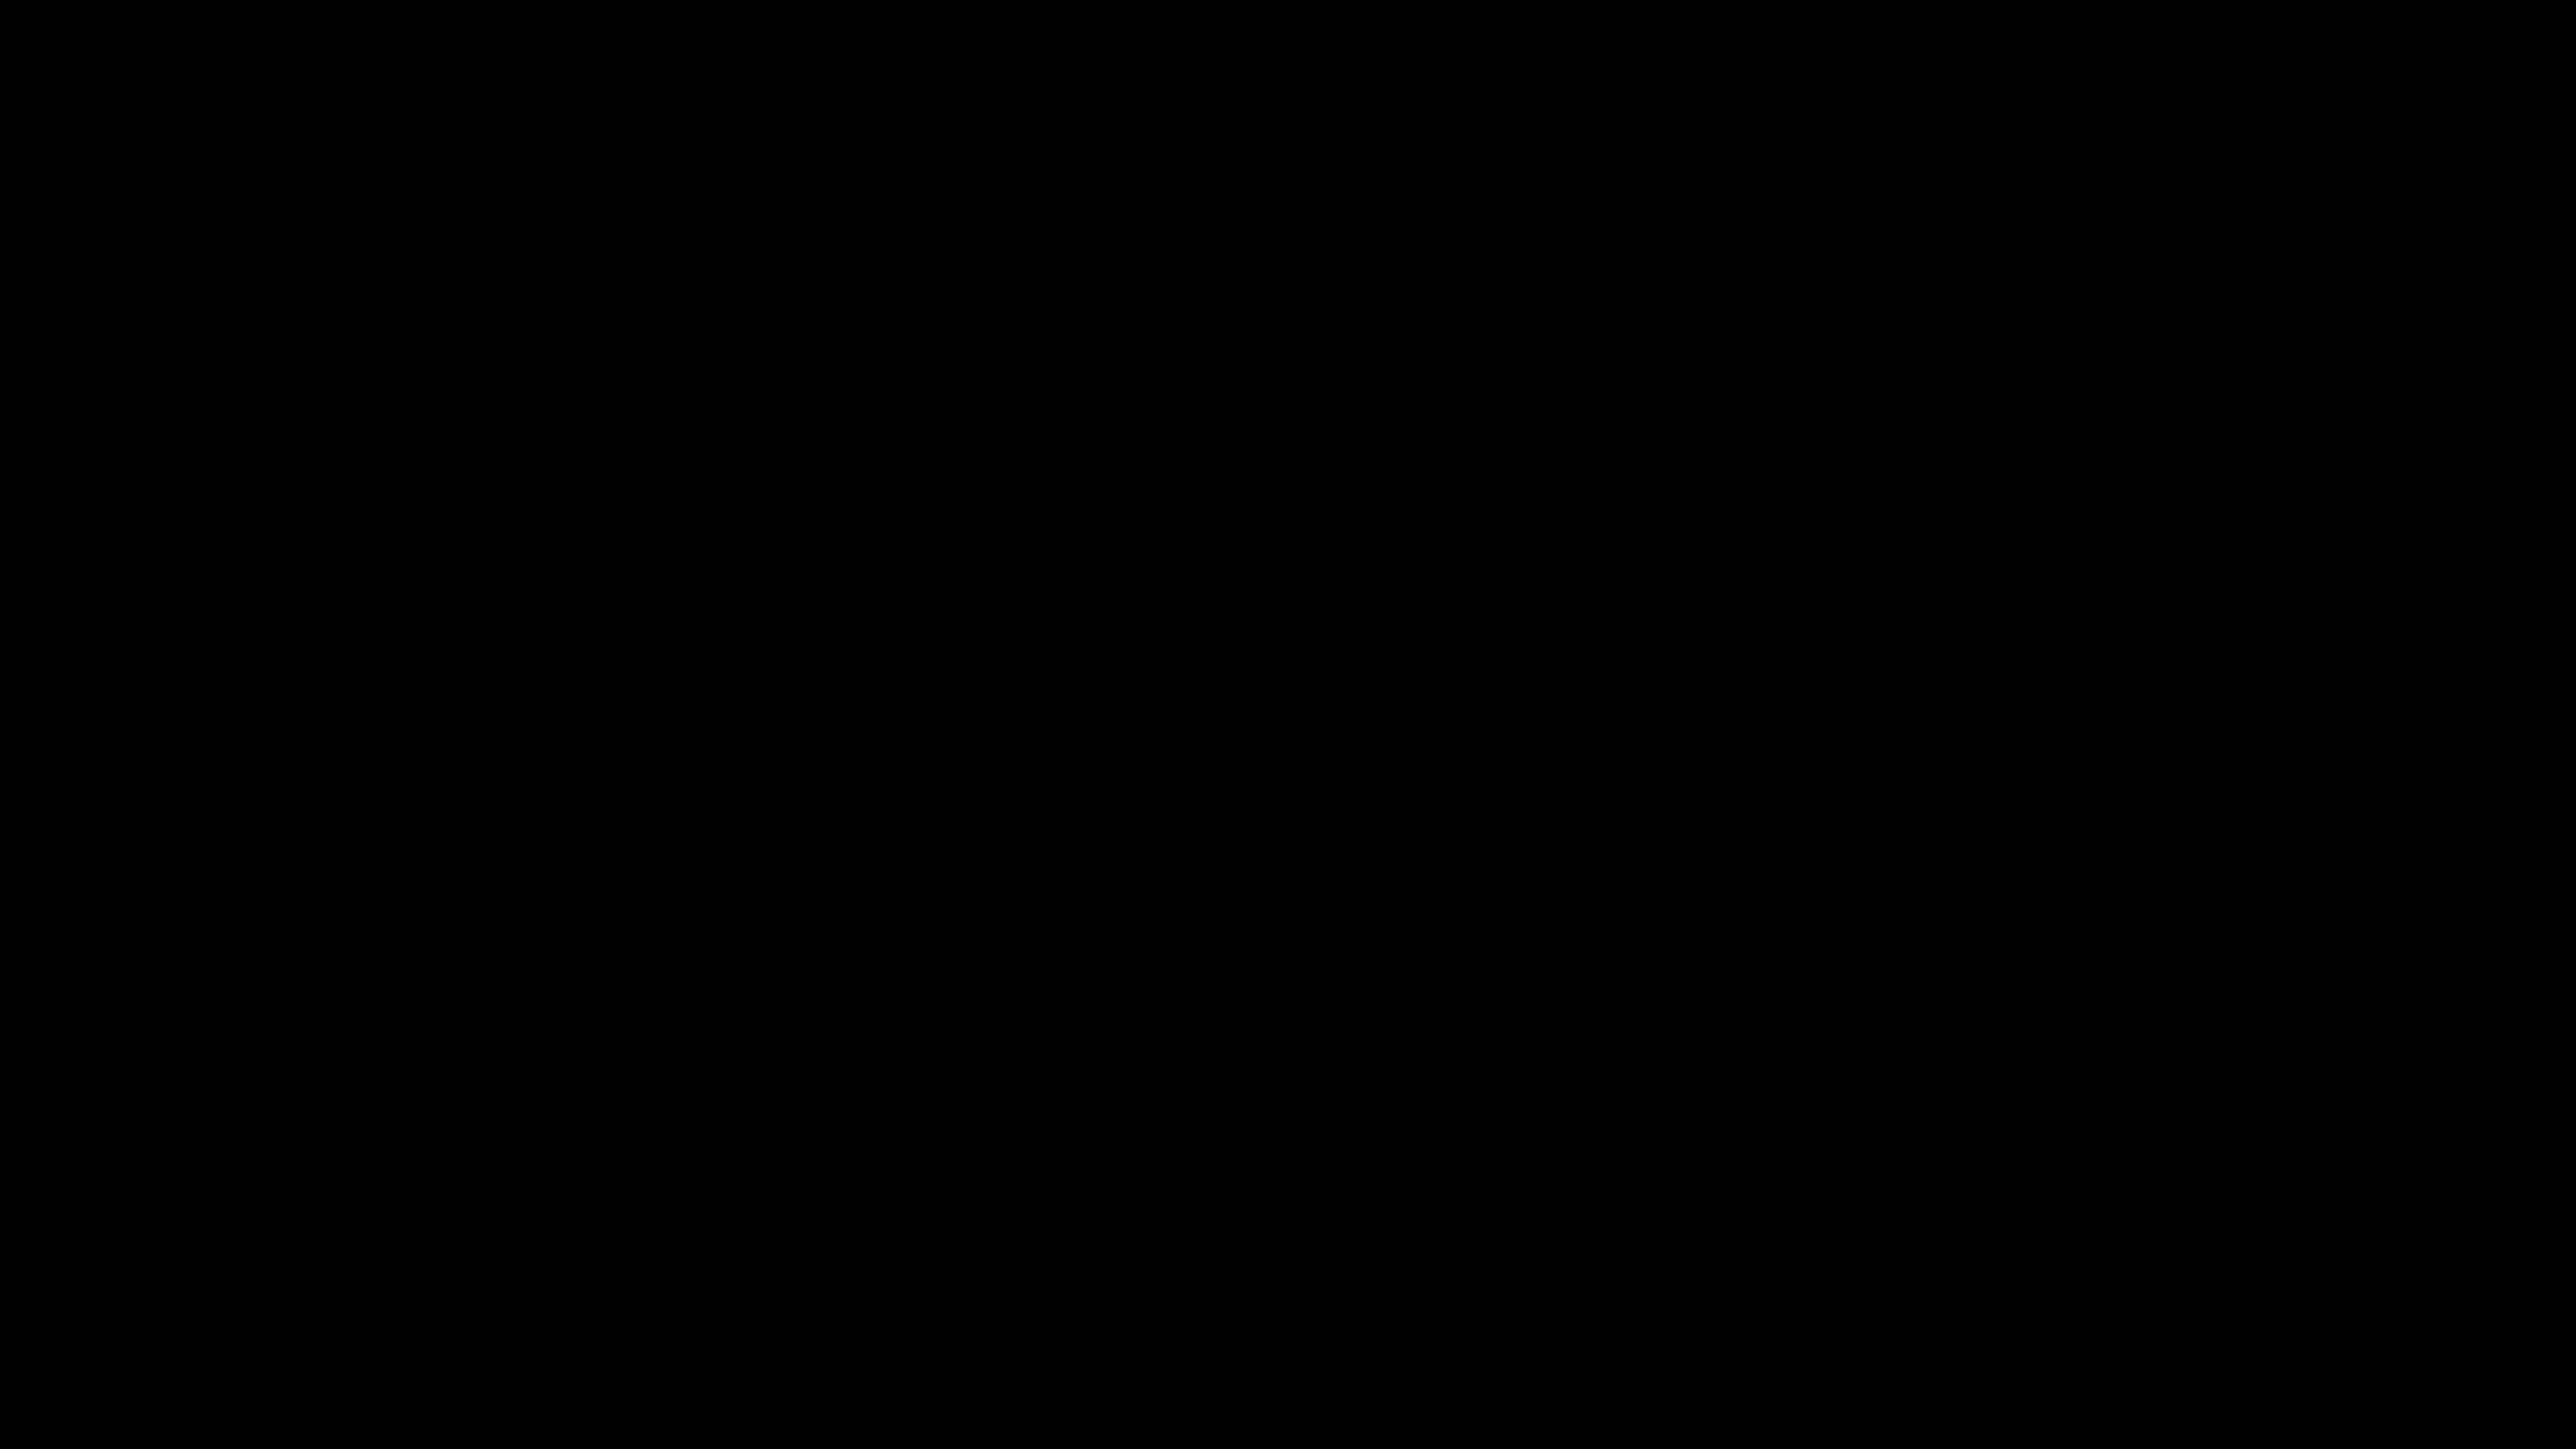 Recensione diffusore di aromi e oli essenziali in vetro bestek for Diffusore aromi ikea